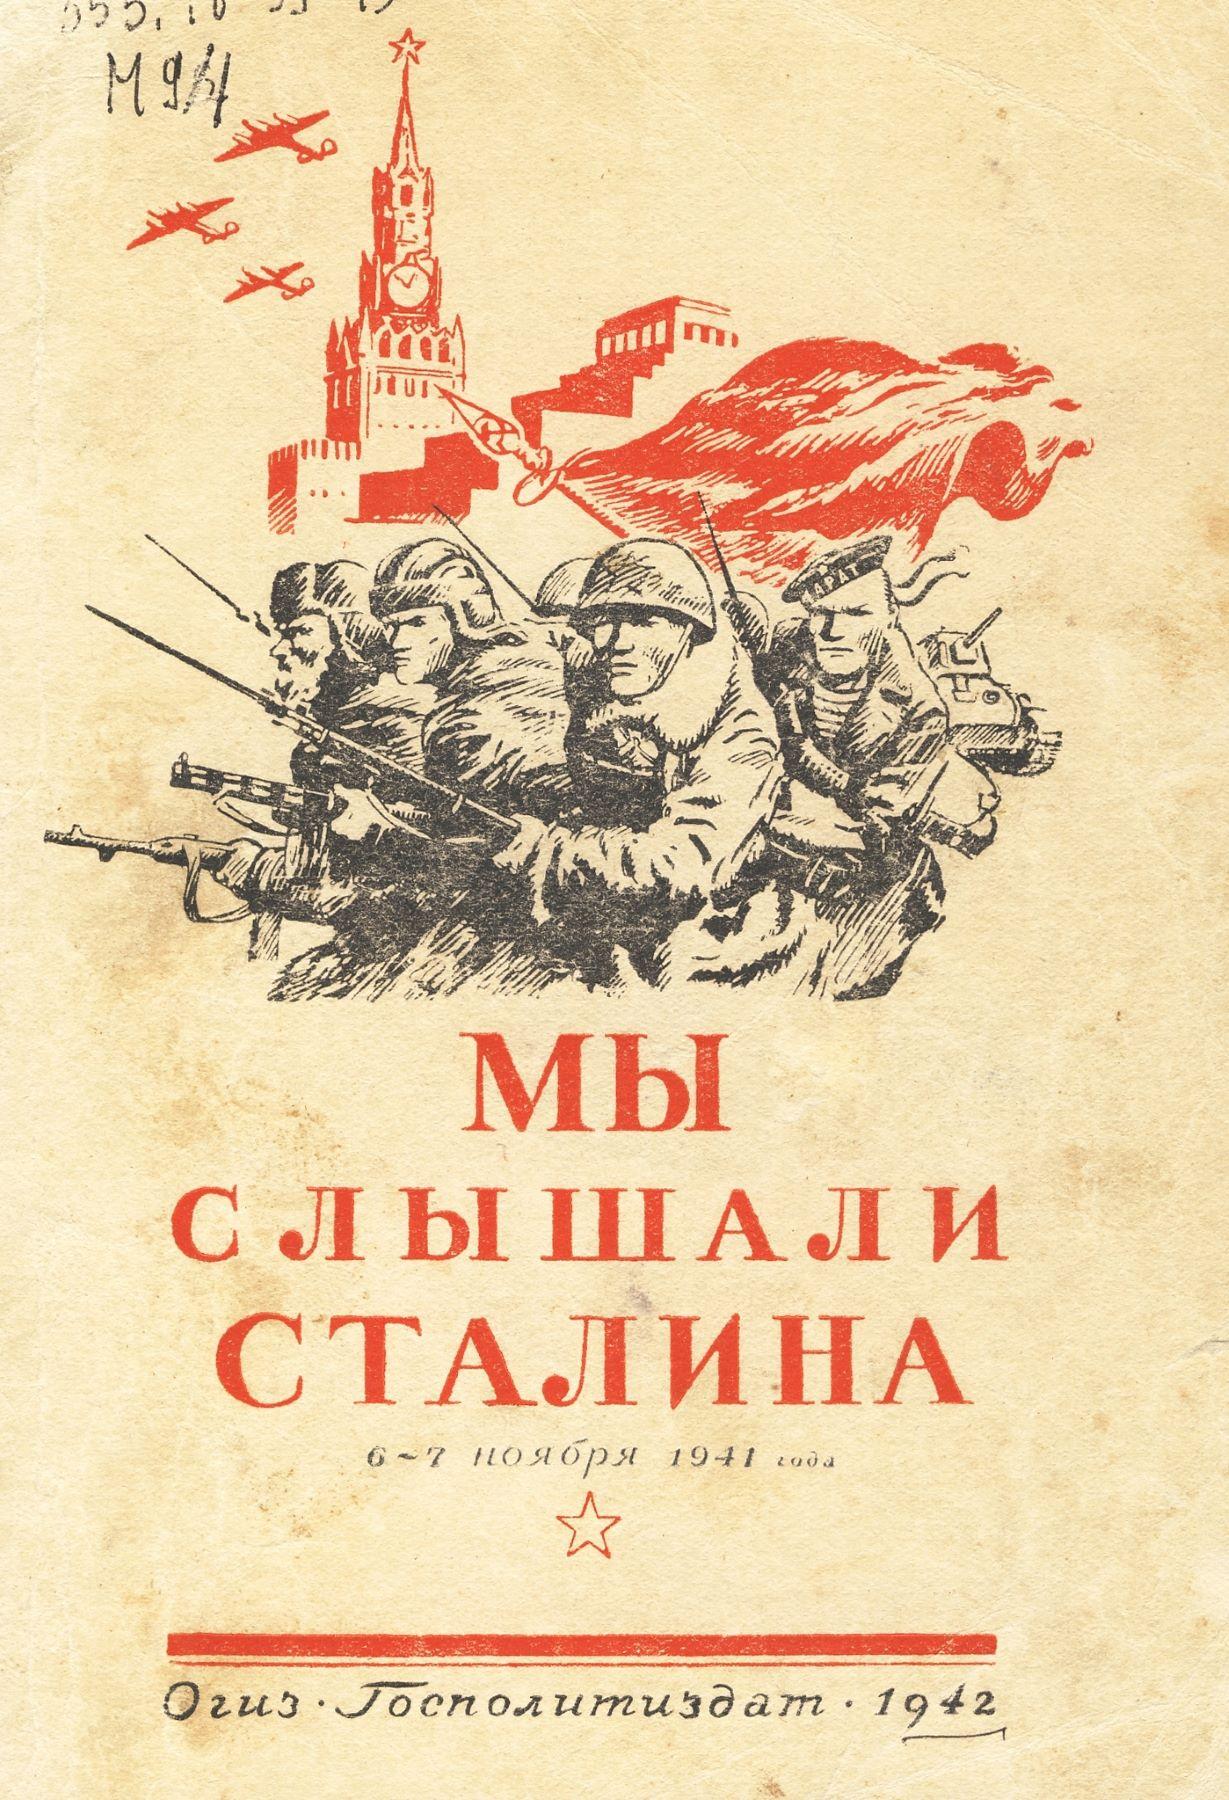 В сборнике, вышедшем в 1942 году, были опубликованы рассказы участников войны, письма из действующей армии, тыла врага, фронтовая печать. Экземпляр с дарственной надписью «С новым годом, Маша! 1943 г. 1 янв. Лида»